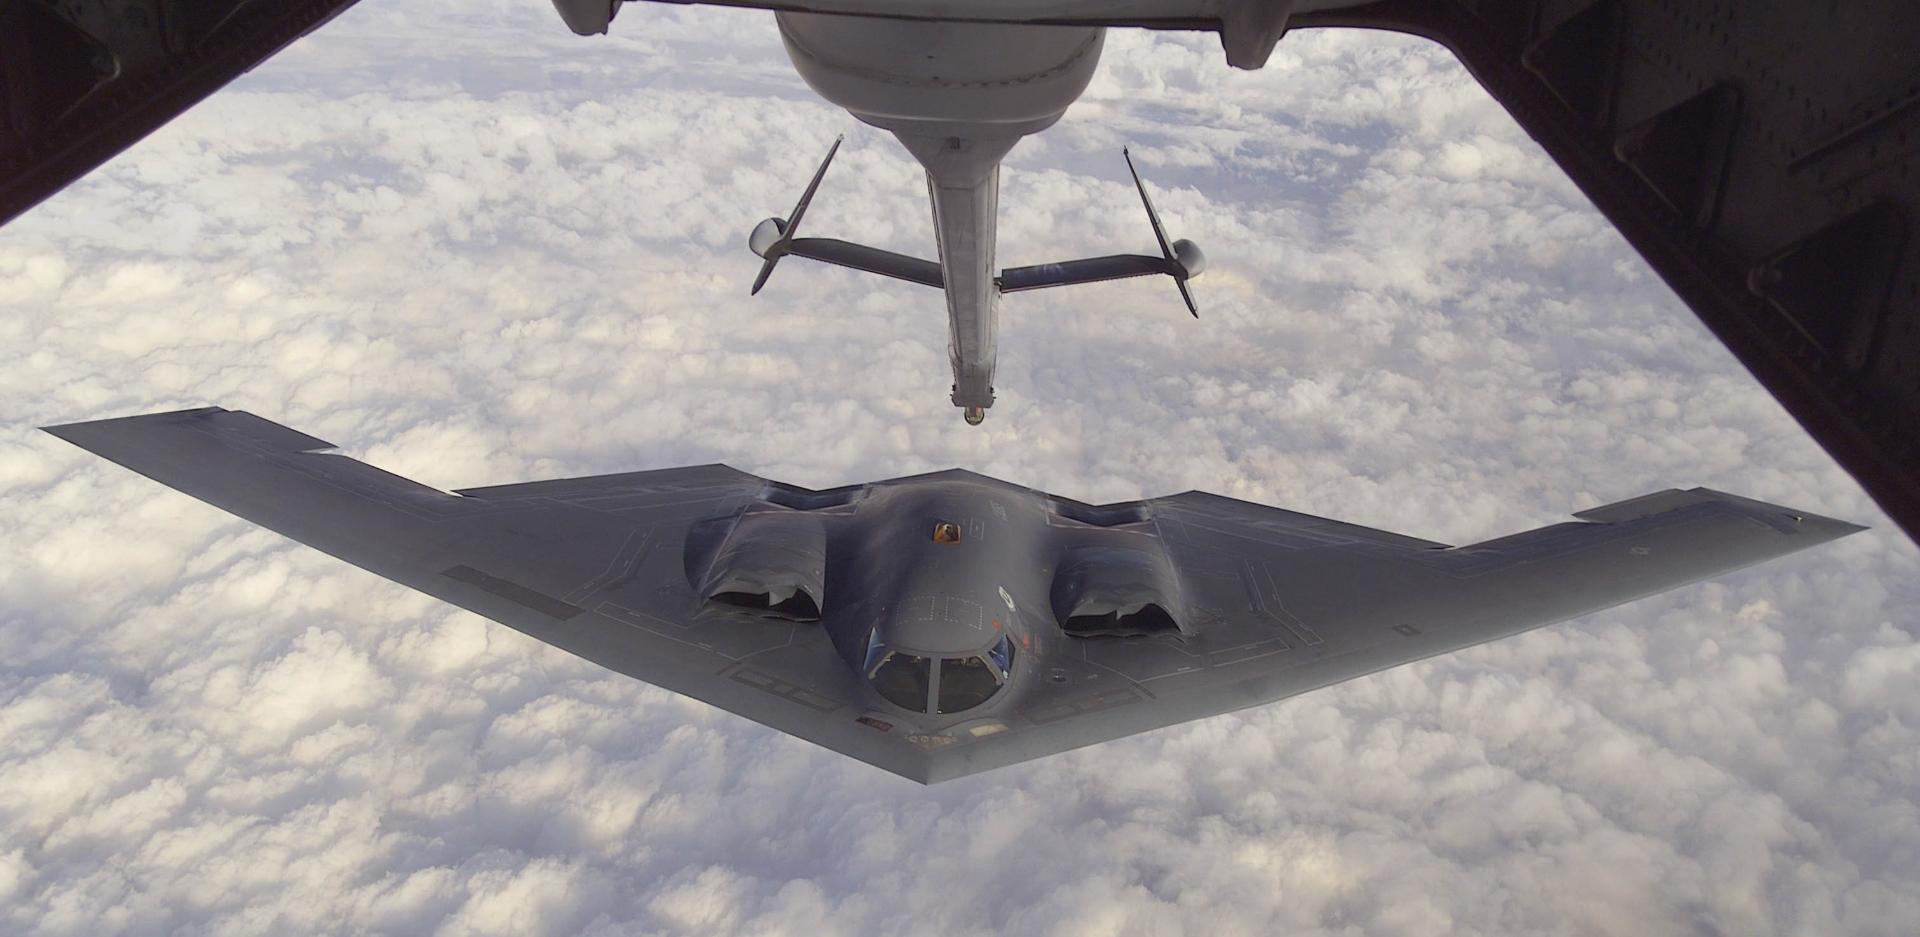 The B-2 during a mid-air refuel. Photo via U.S. Air Force.